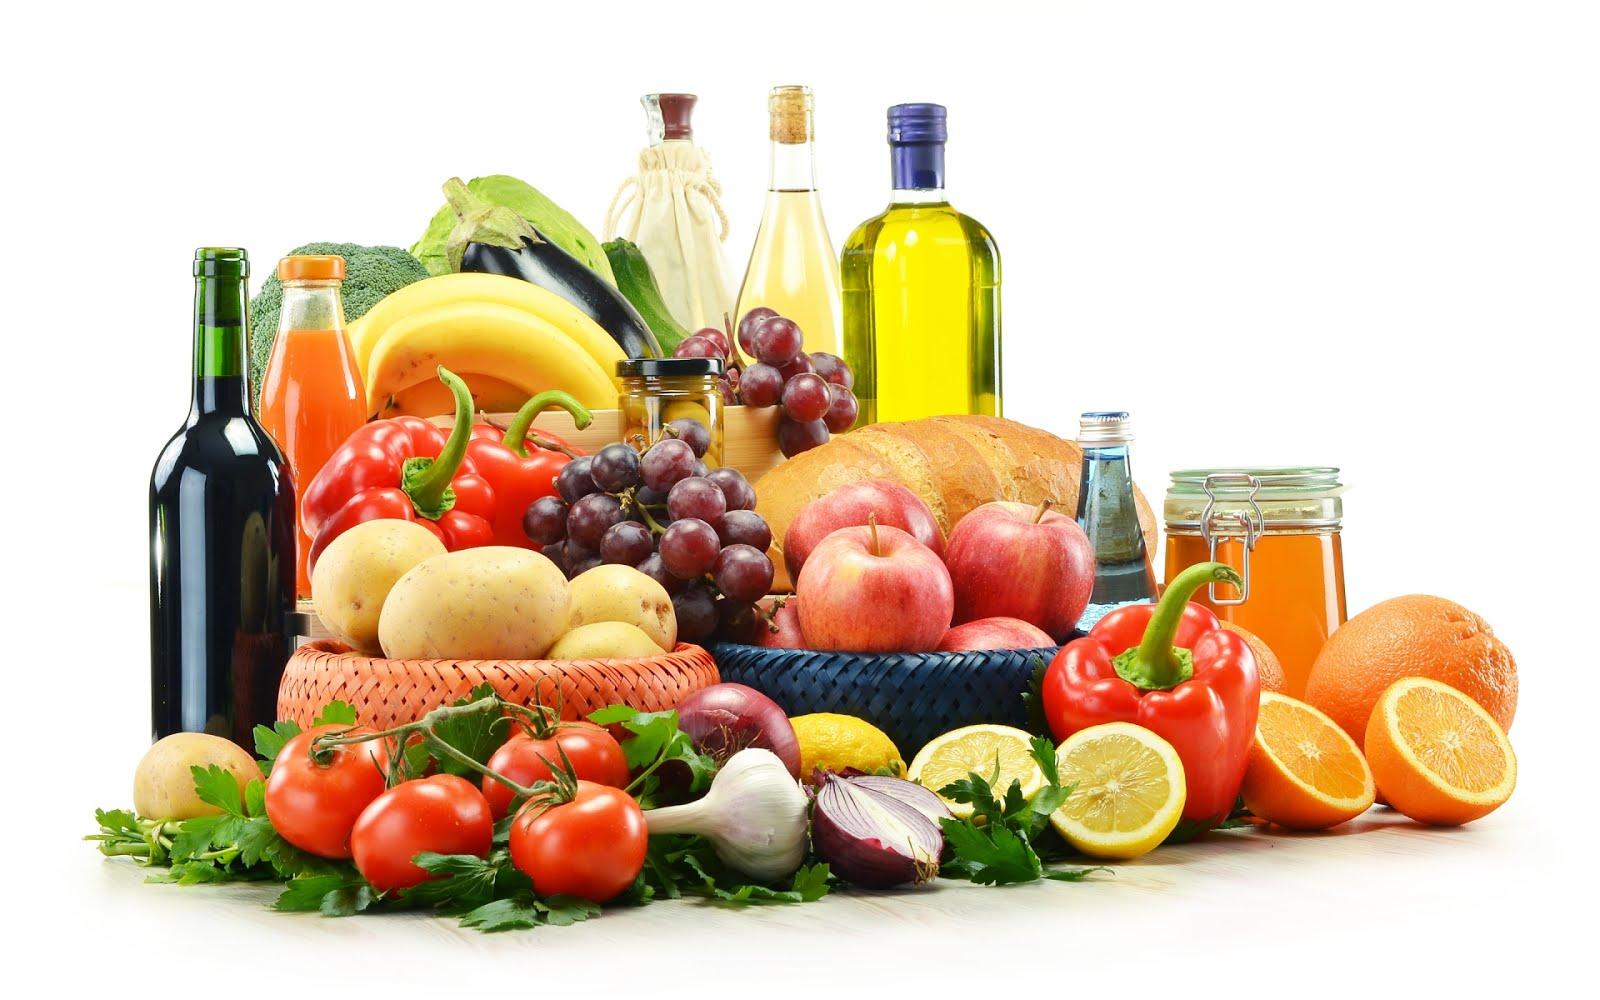 dieta para bajar 10 kilos sin ejercicio